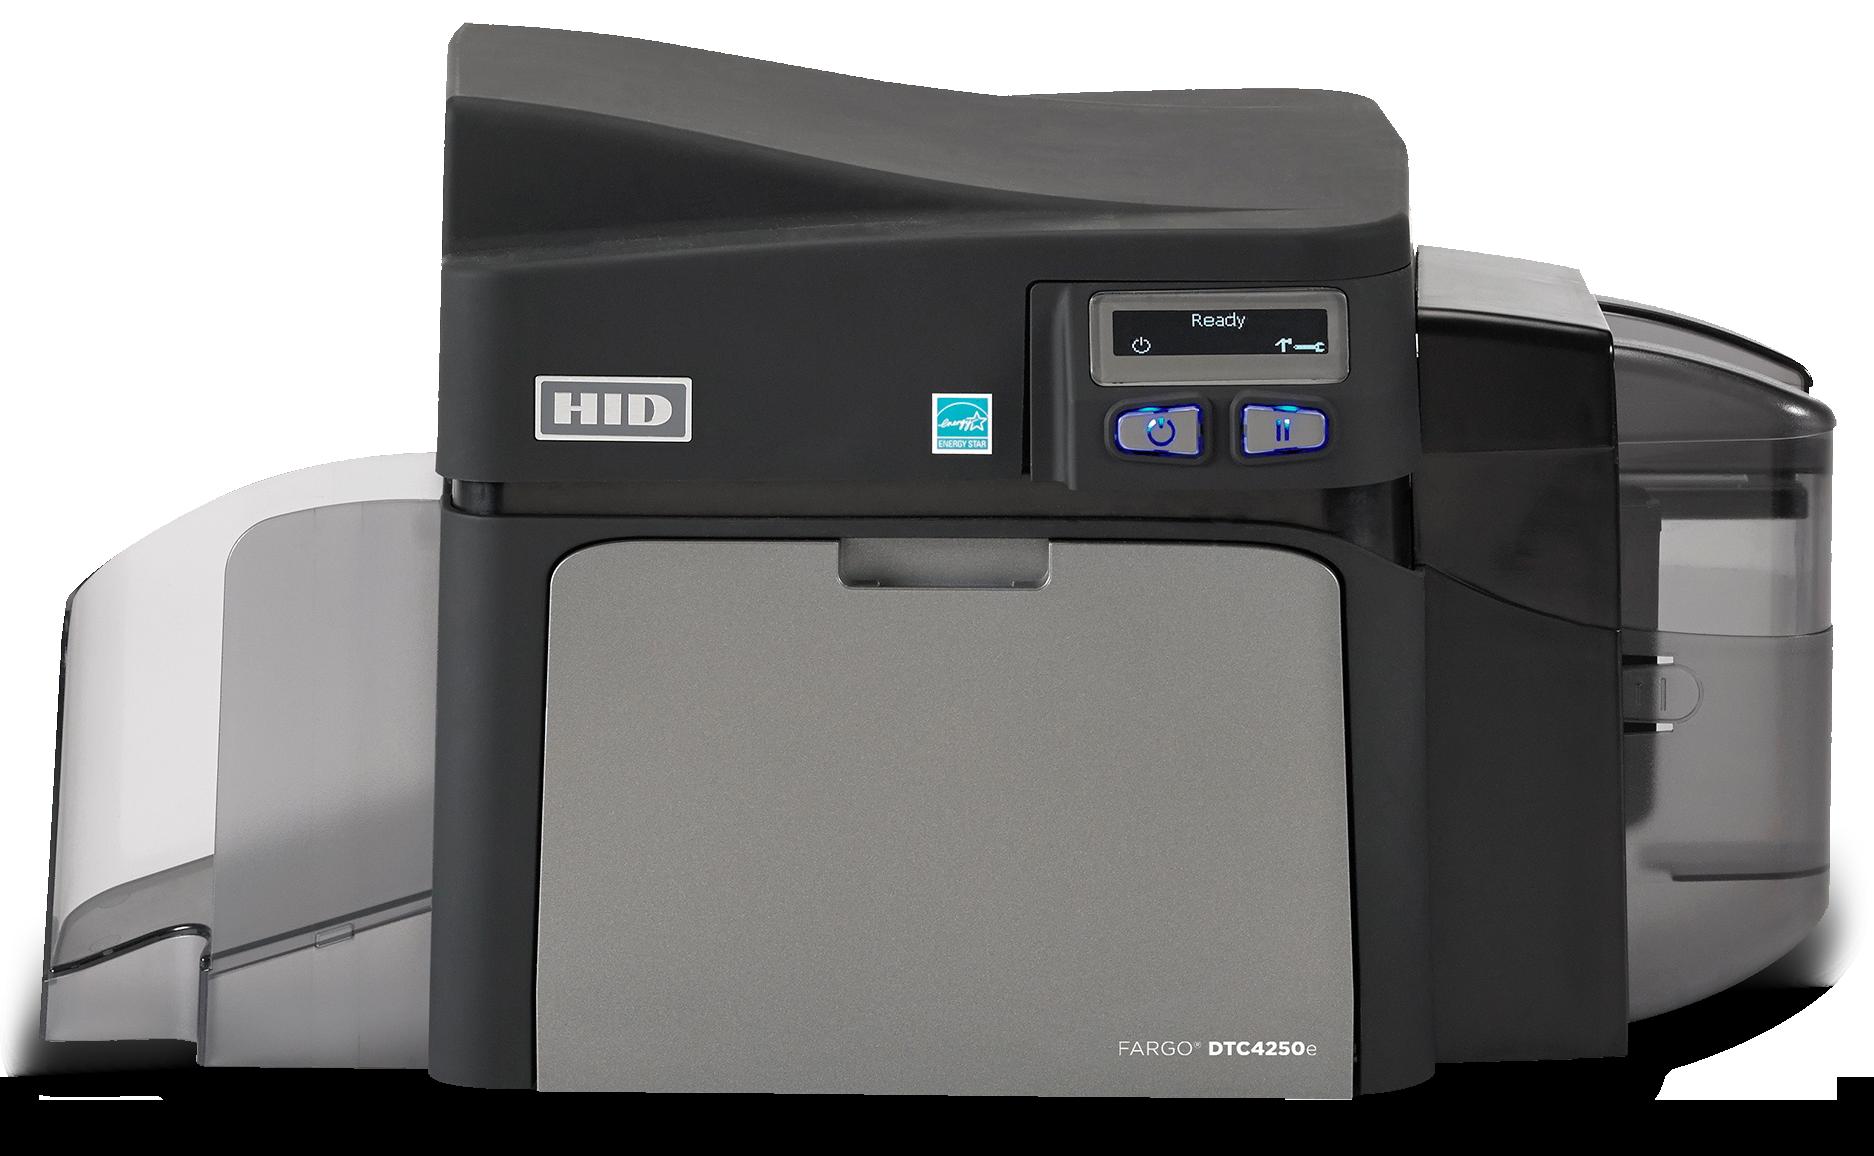 FARGO® DTC4250e com gravador de Banda Magnética  Fiável, flexível, segura. A impressora que cresce com o seu negócio